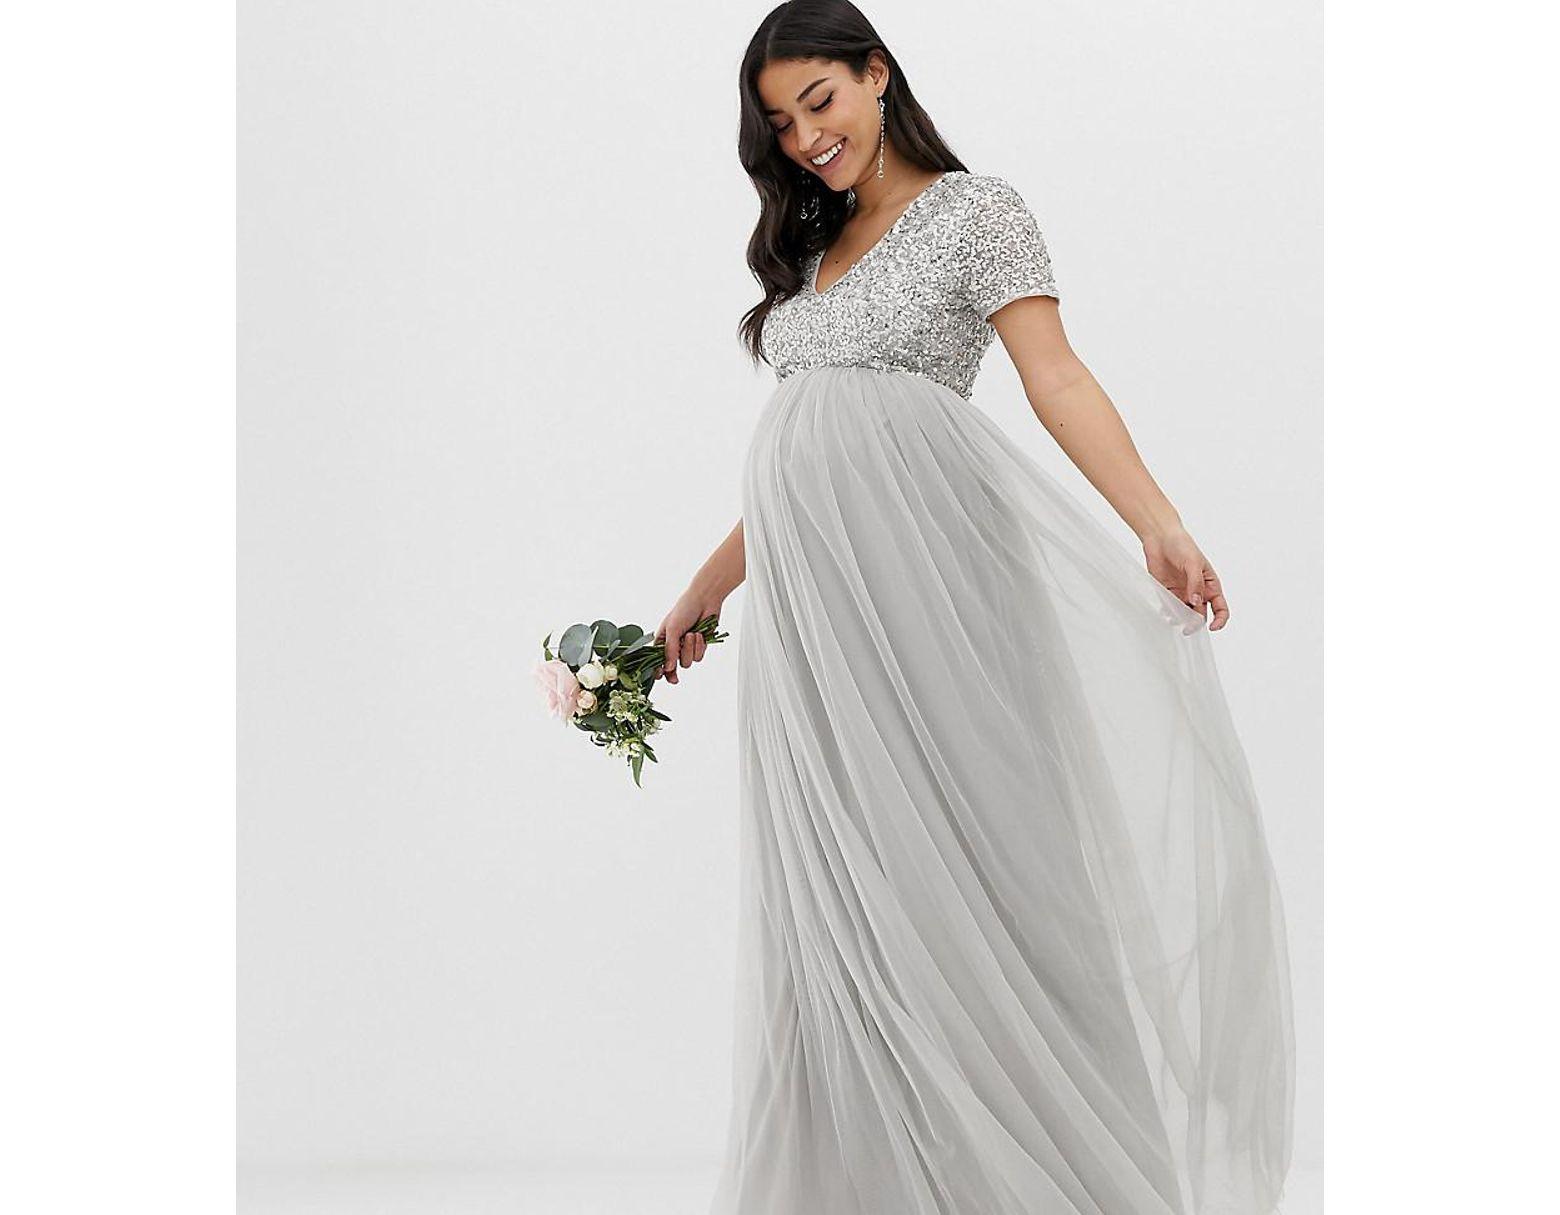 c6205f36a958 Maya Petite Long Sleeve Sequin Top Maxi Tulle Dress | Saddha